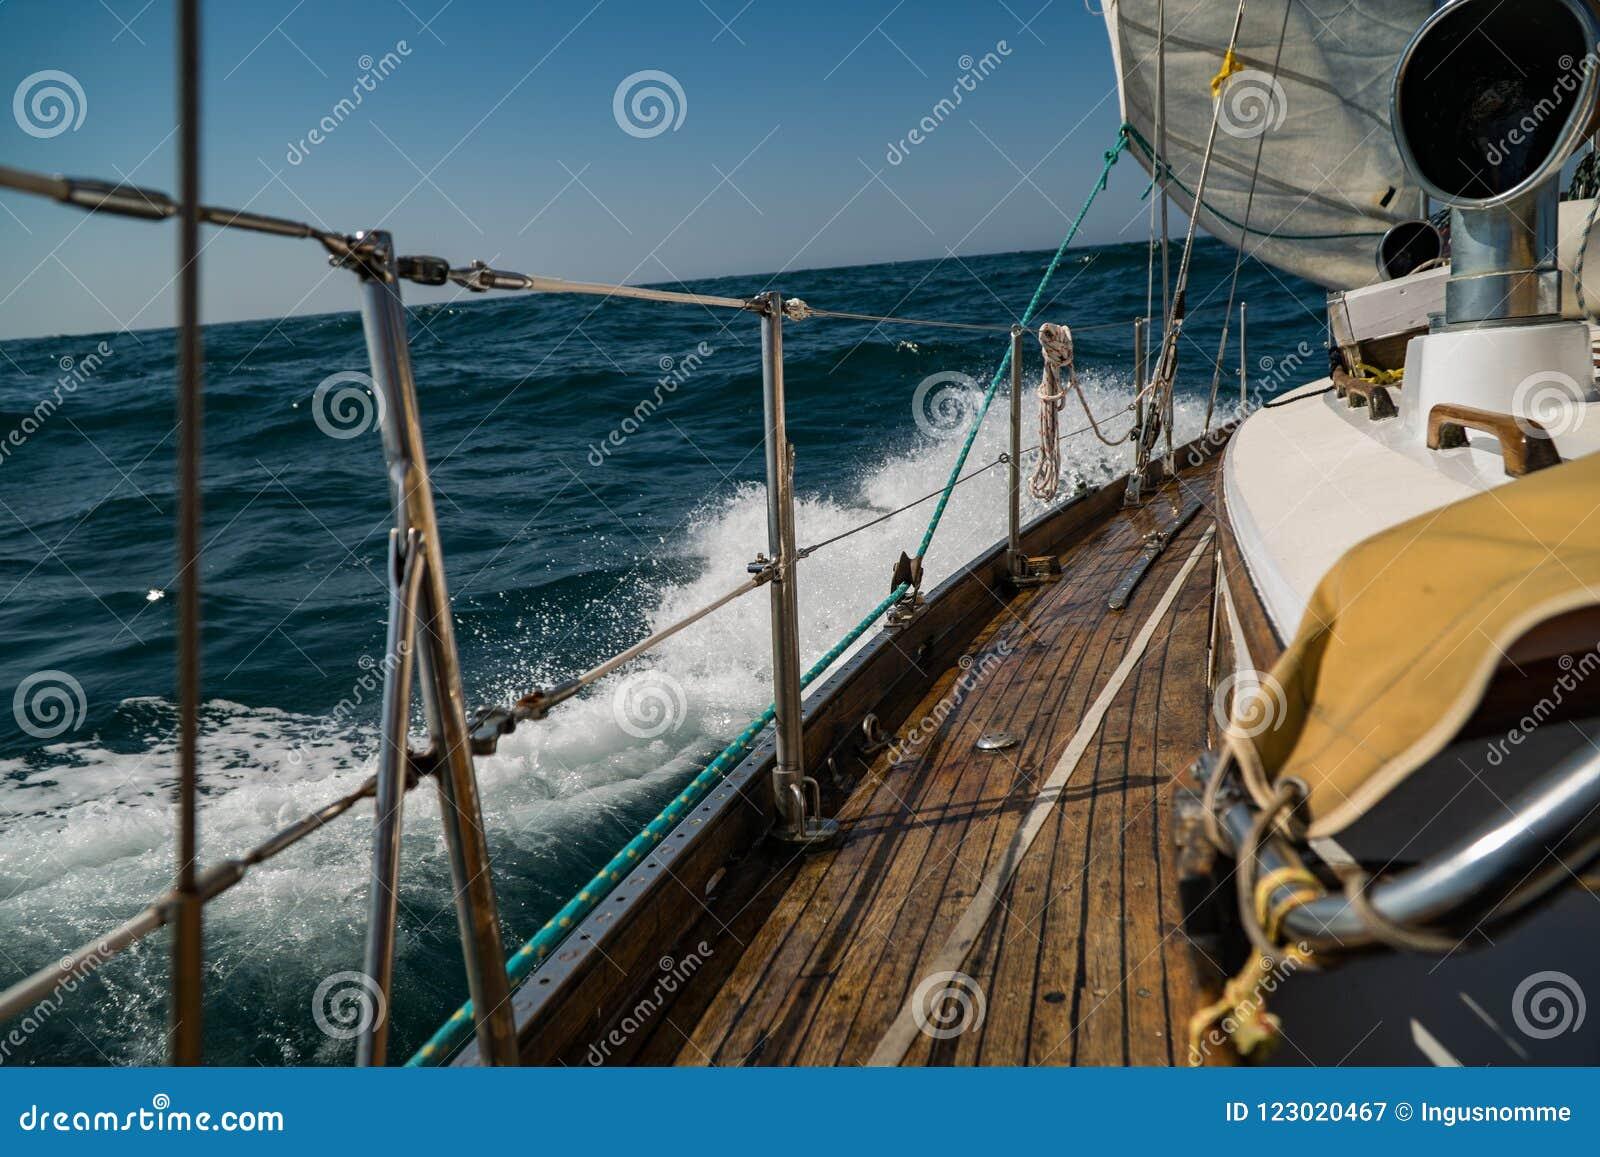 Sailing yachting Luxelevensstijl En gevaarlijk